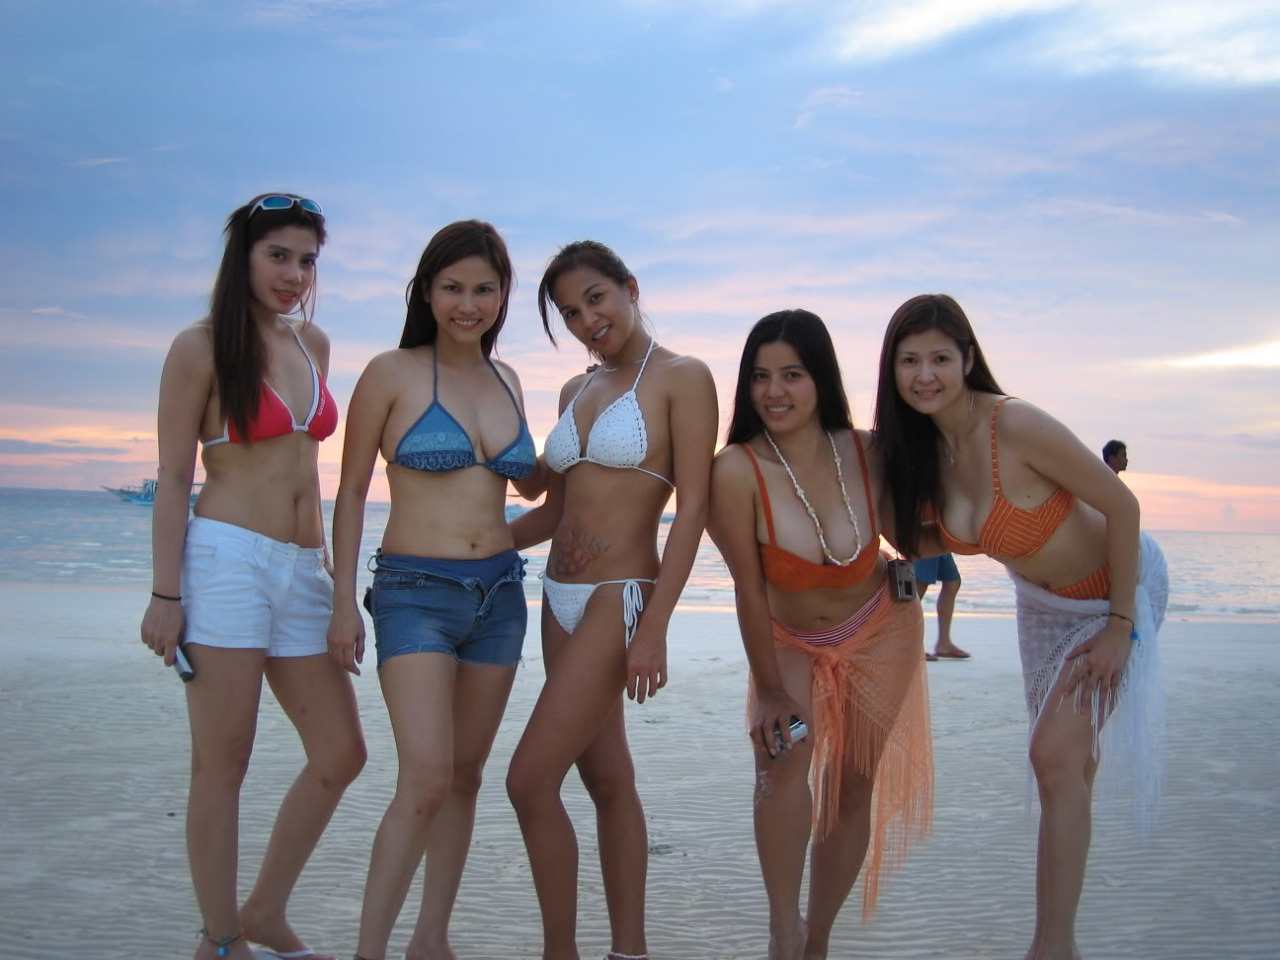 【海外エロ画像】近隣諸国も夏!セクシービキニ美女多きアジアのビーチ事情(*´д`*)